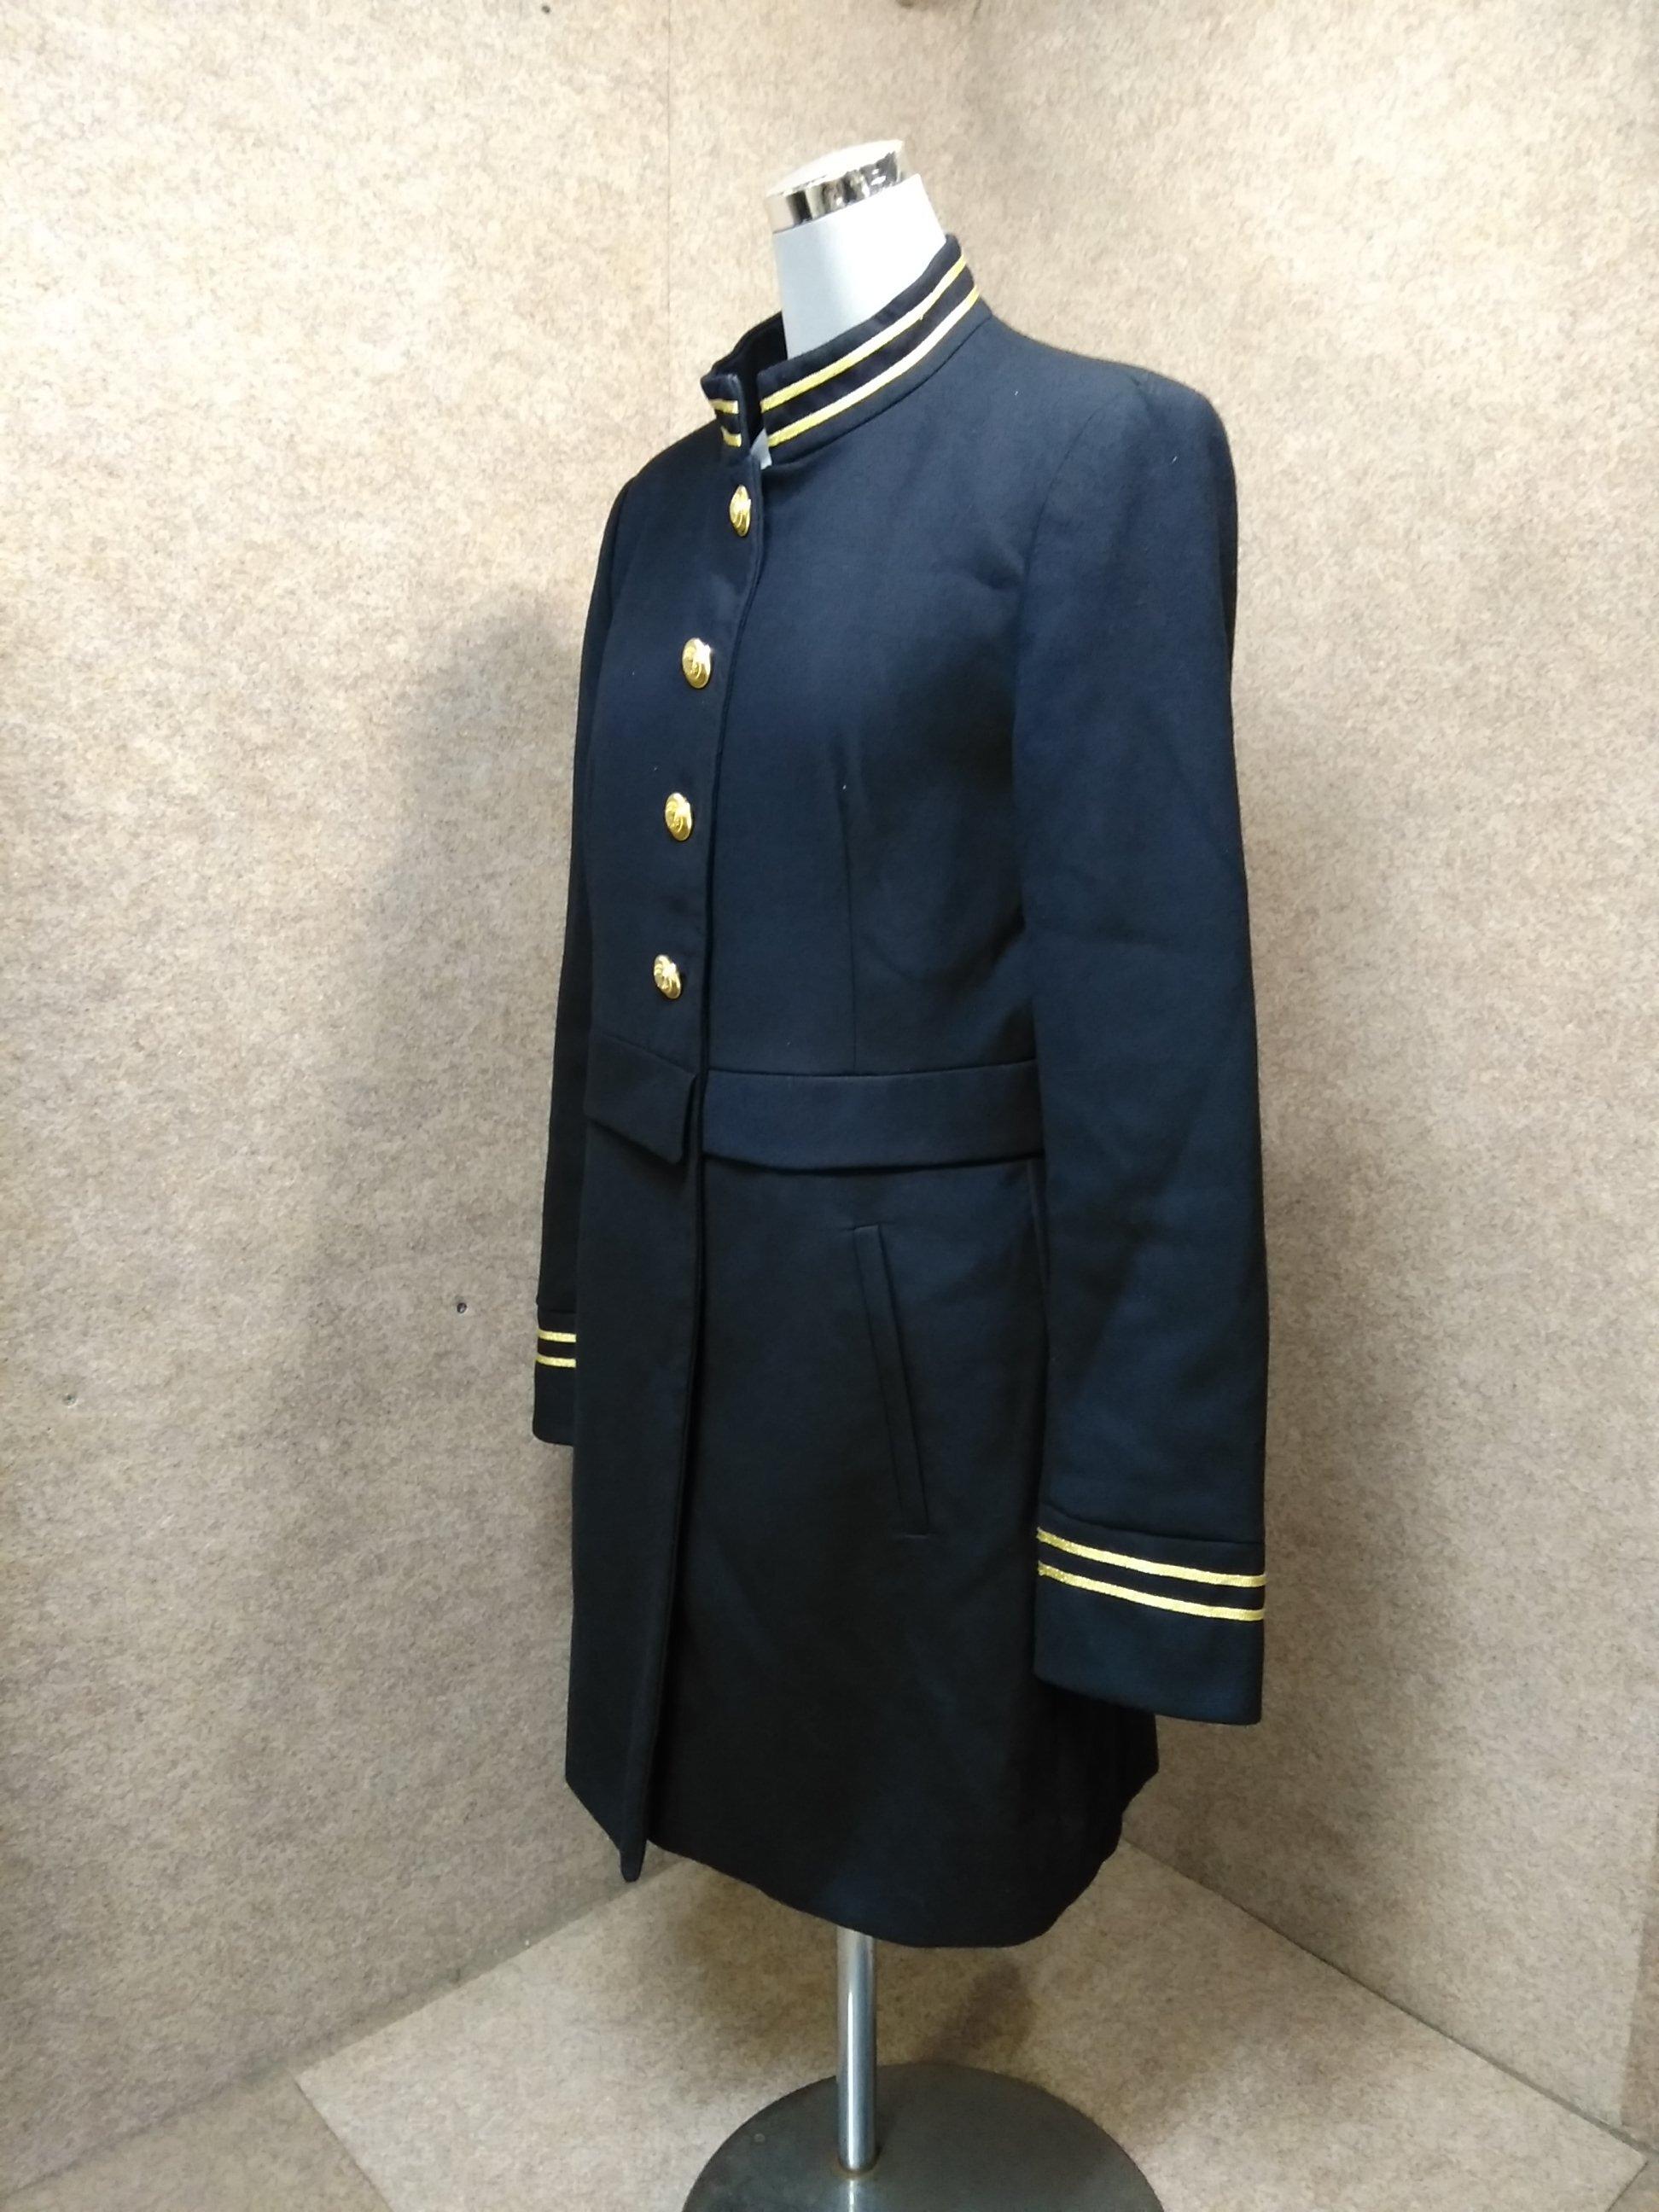 ザラ ZARA コート ジャケット 黒系 金ボタン 制服風 M mh213s